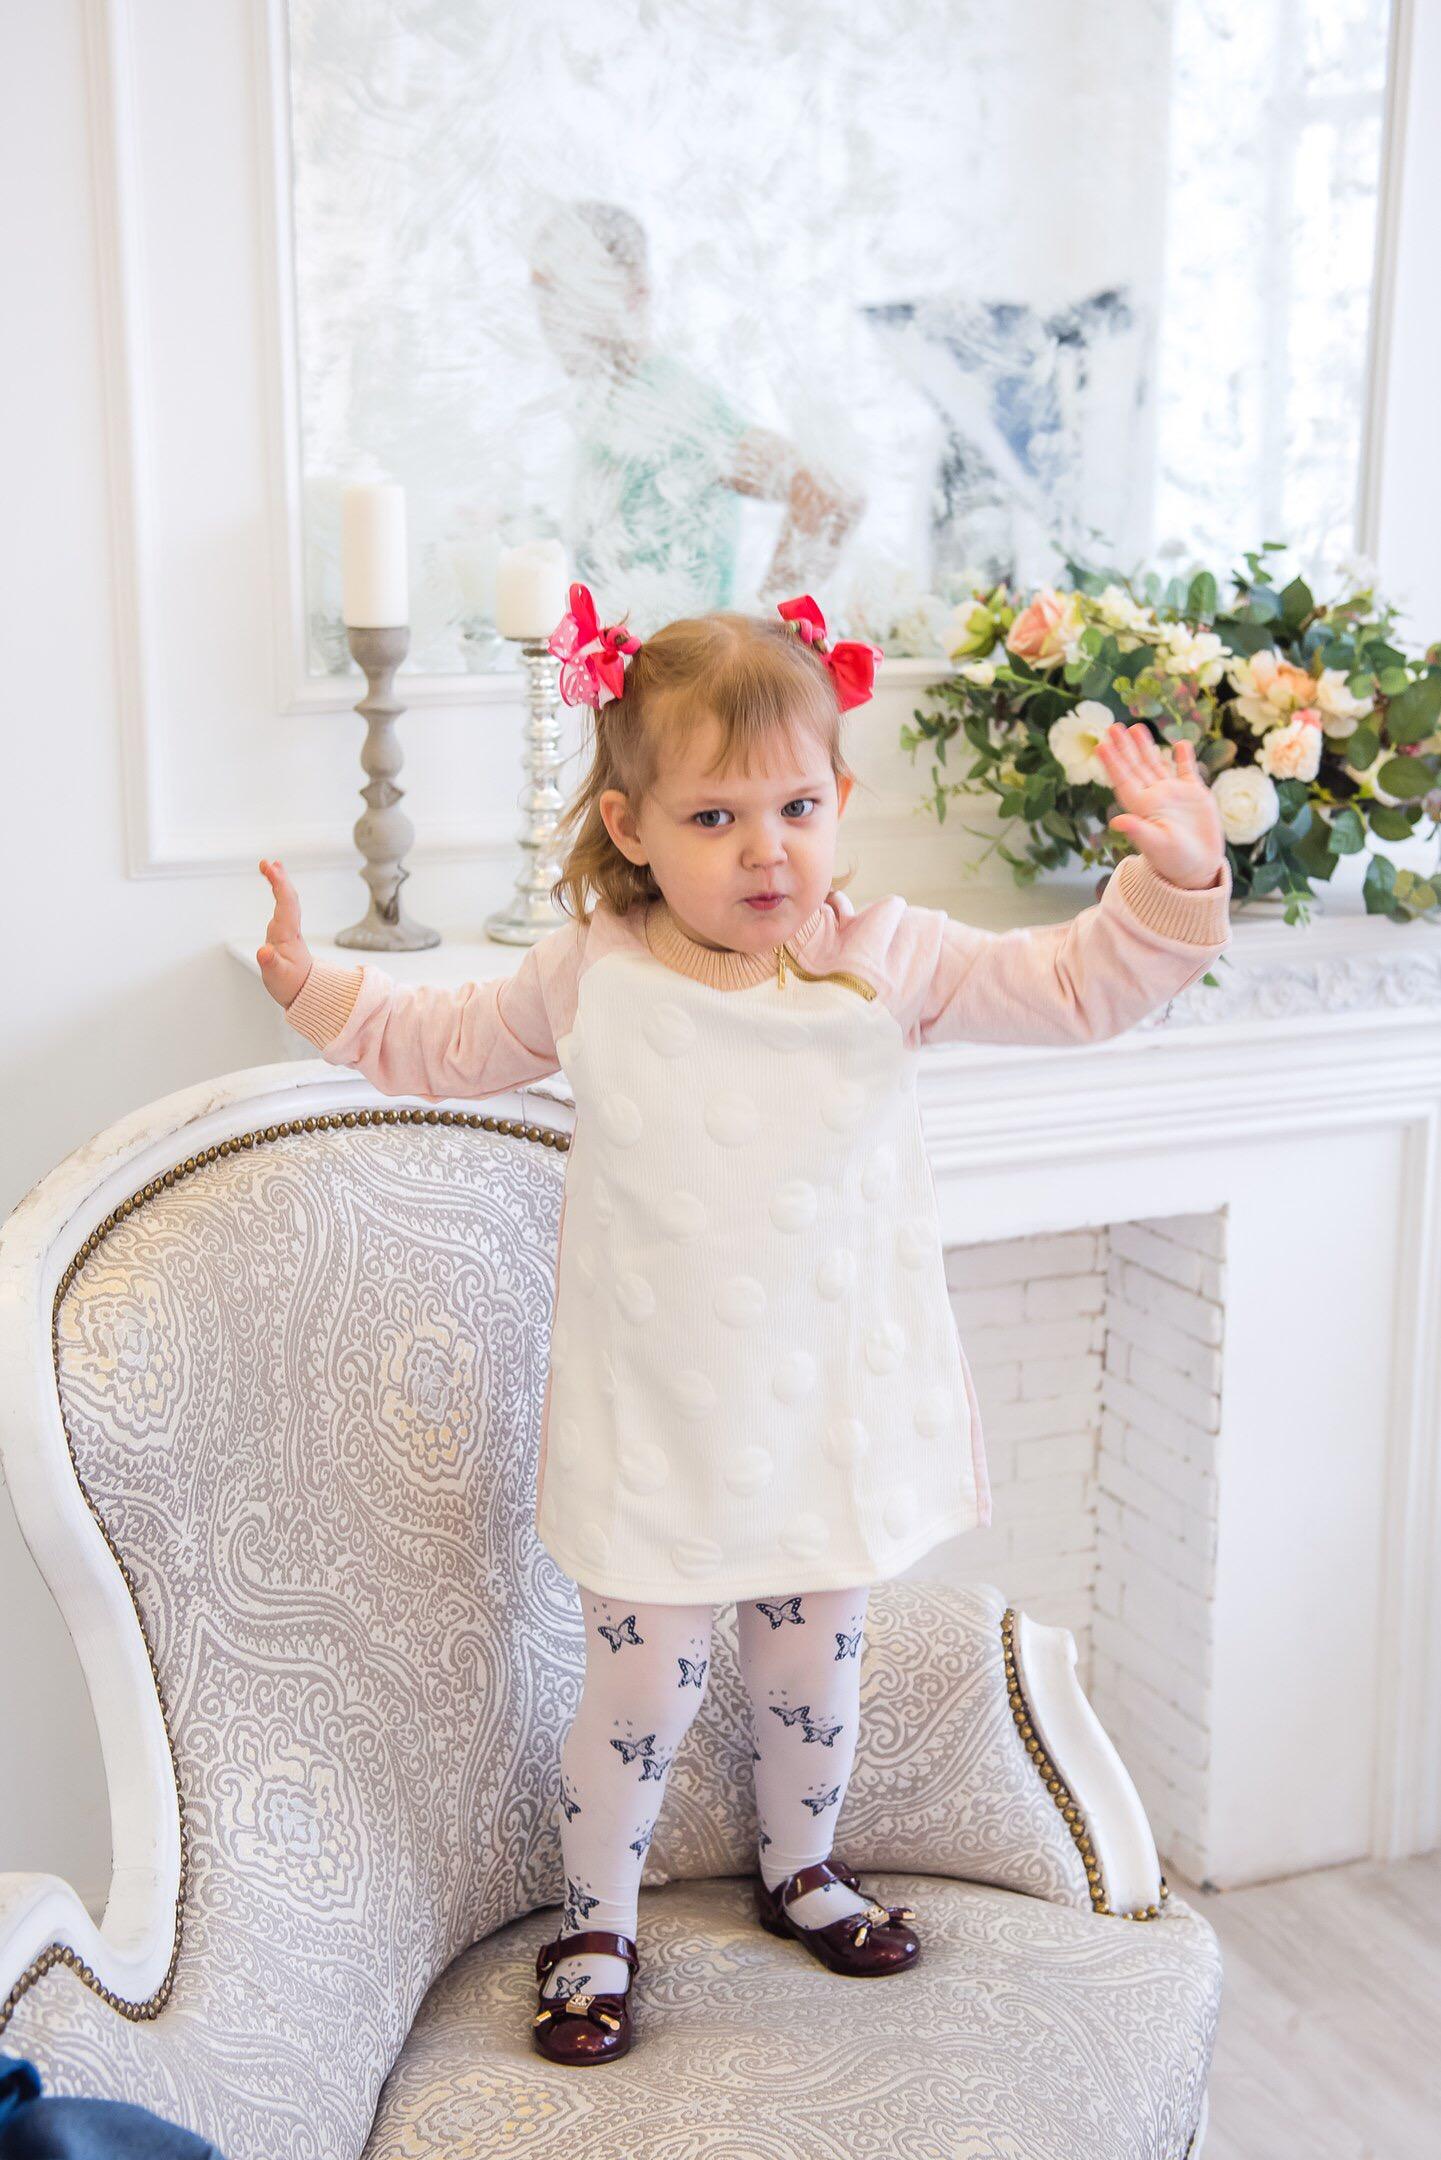 Моя маленькая принцесса. Принцесса собирается на бал